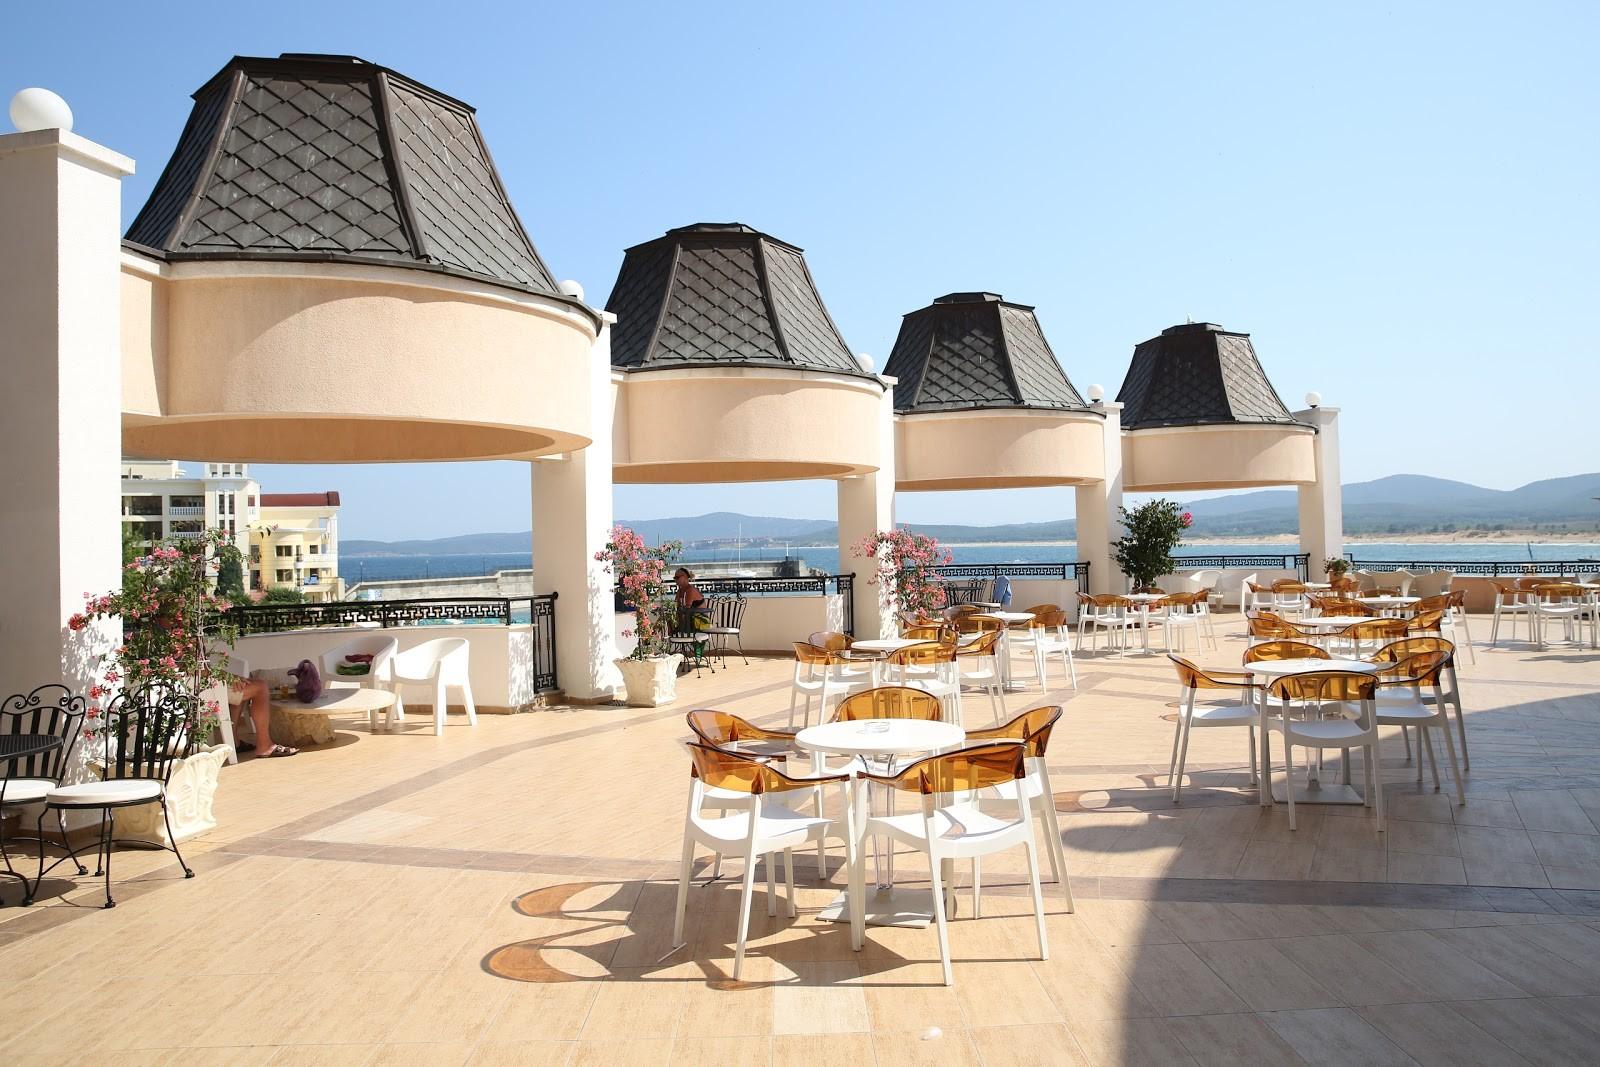 Хотел Марина Бийч - лоби бар тераса